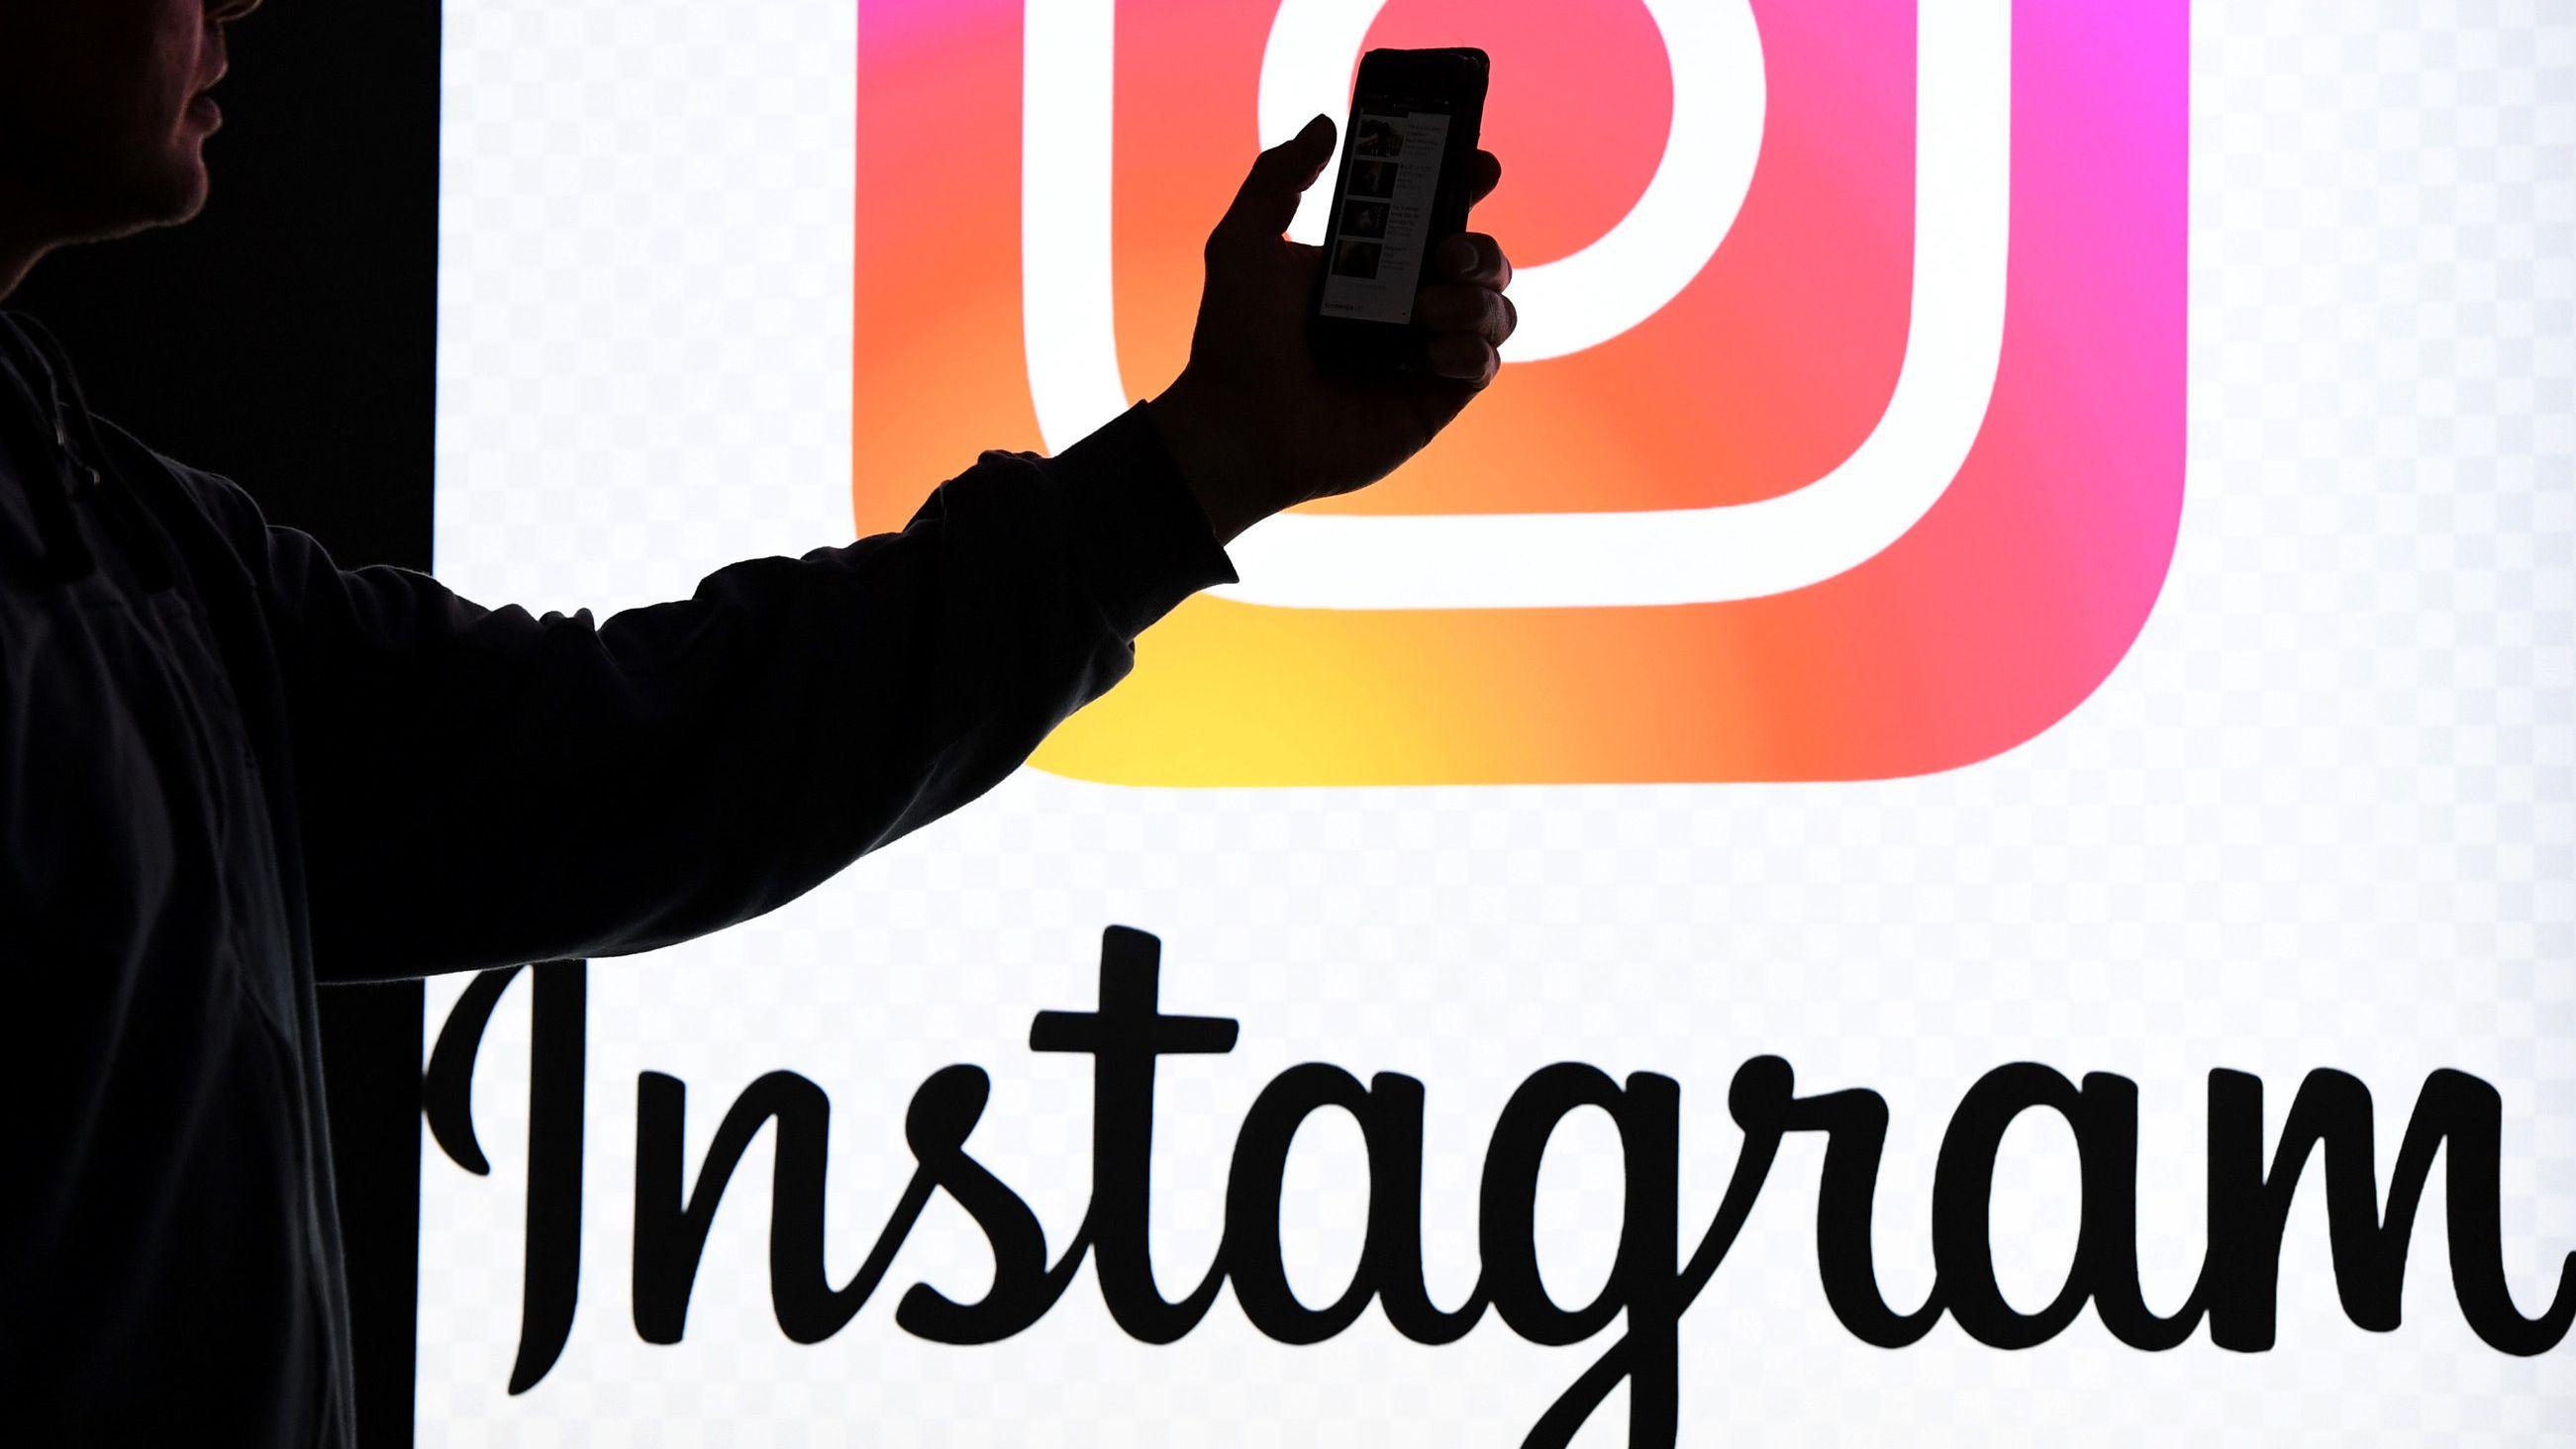 Ein Mann hält ein Smartphone vor einem Monitor mit dem Logo von Instagram.